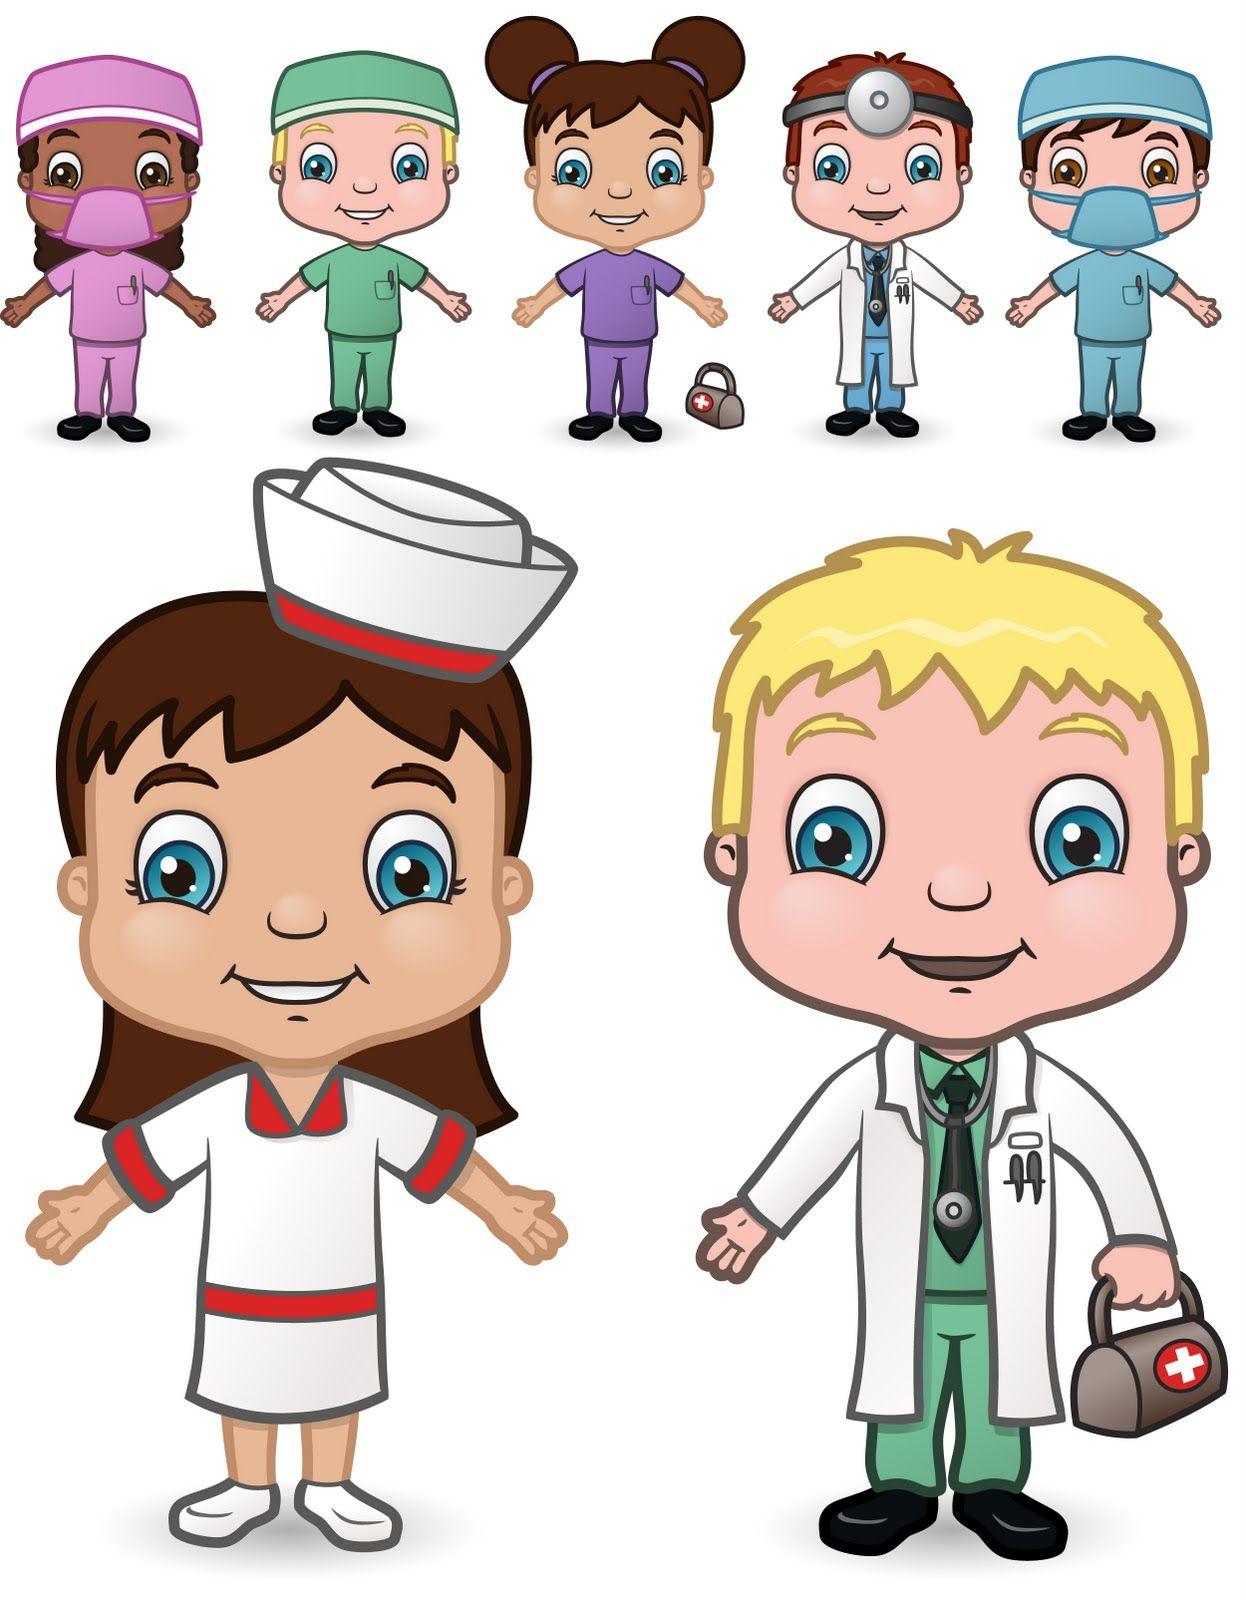 Картинки для детей врачи бывают разные